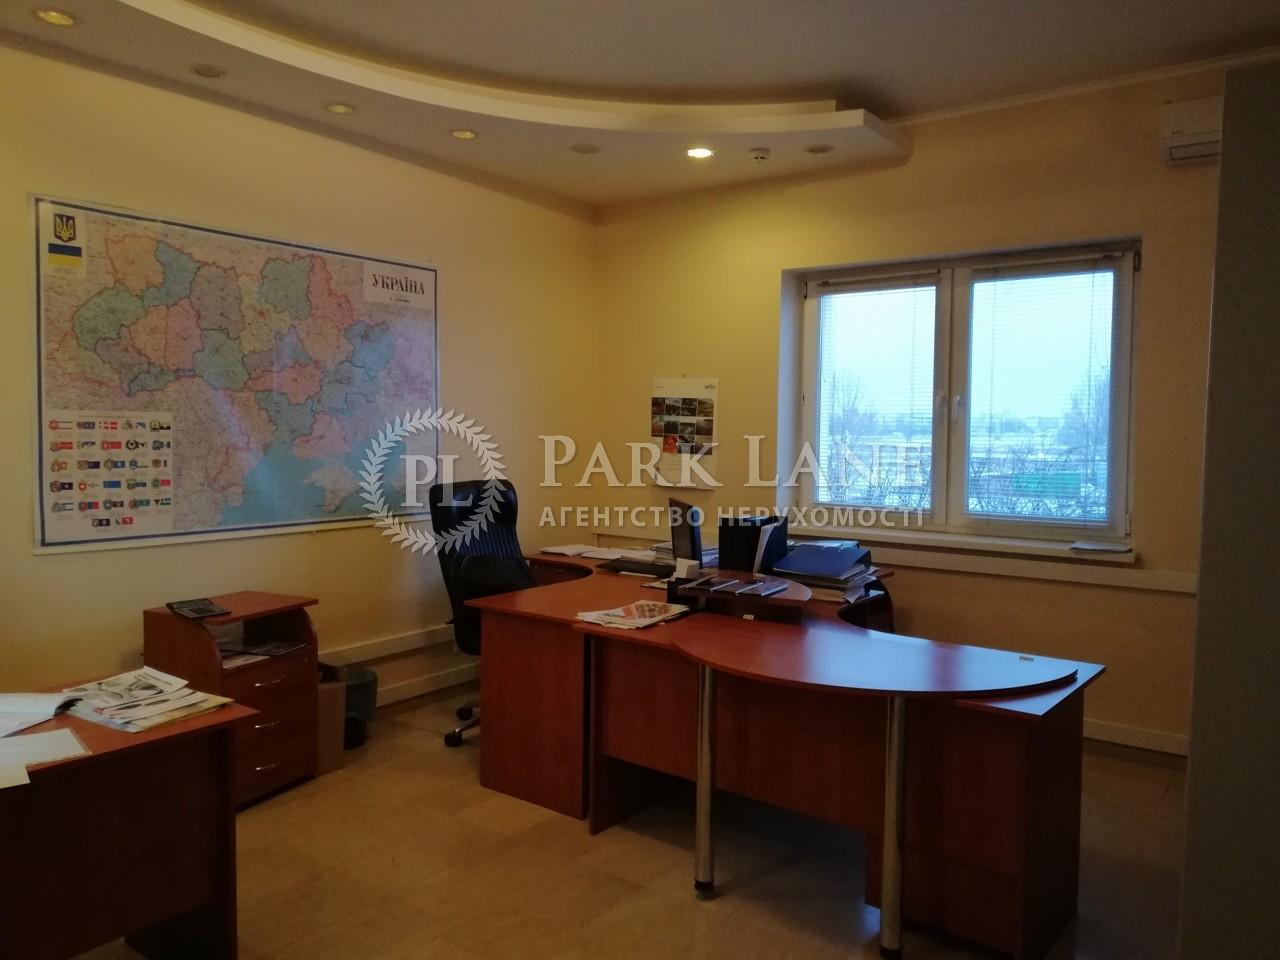 Нежилое помещение, ул. Горького, Софиевская Борщаговка, I-28357 - Фото 3